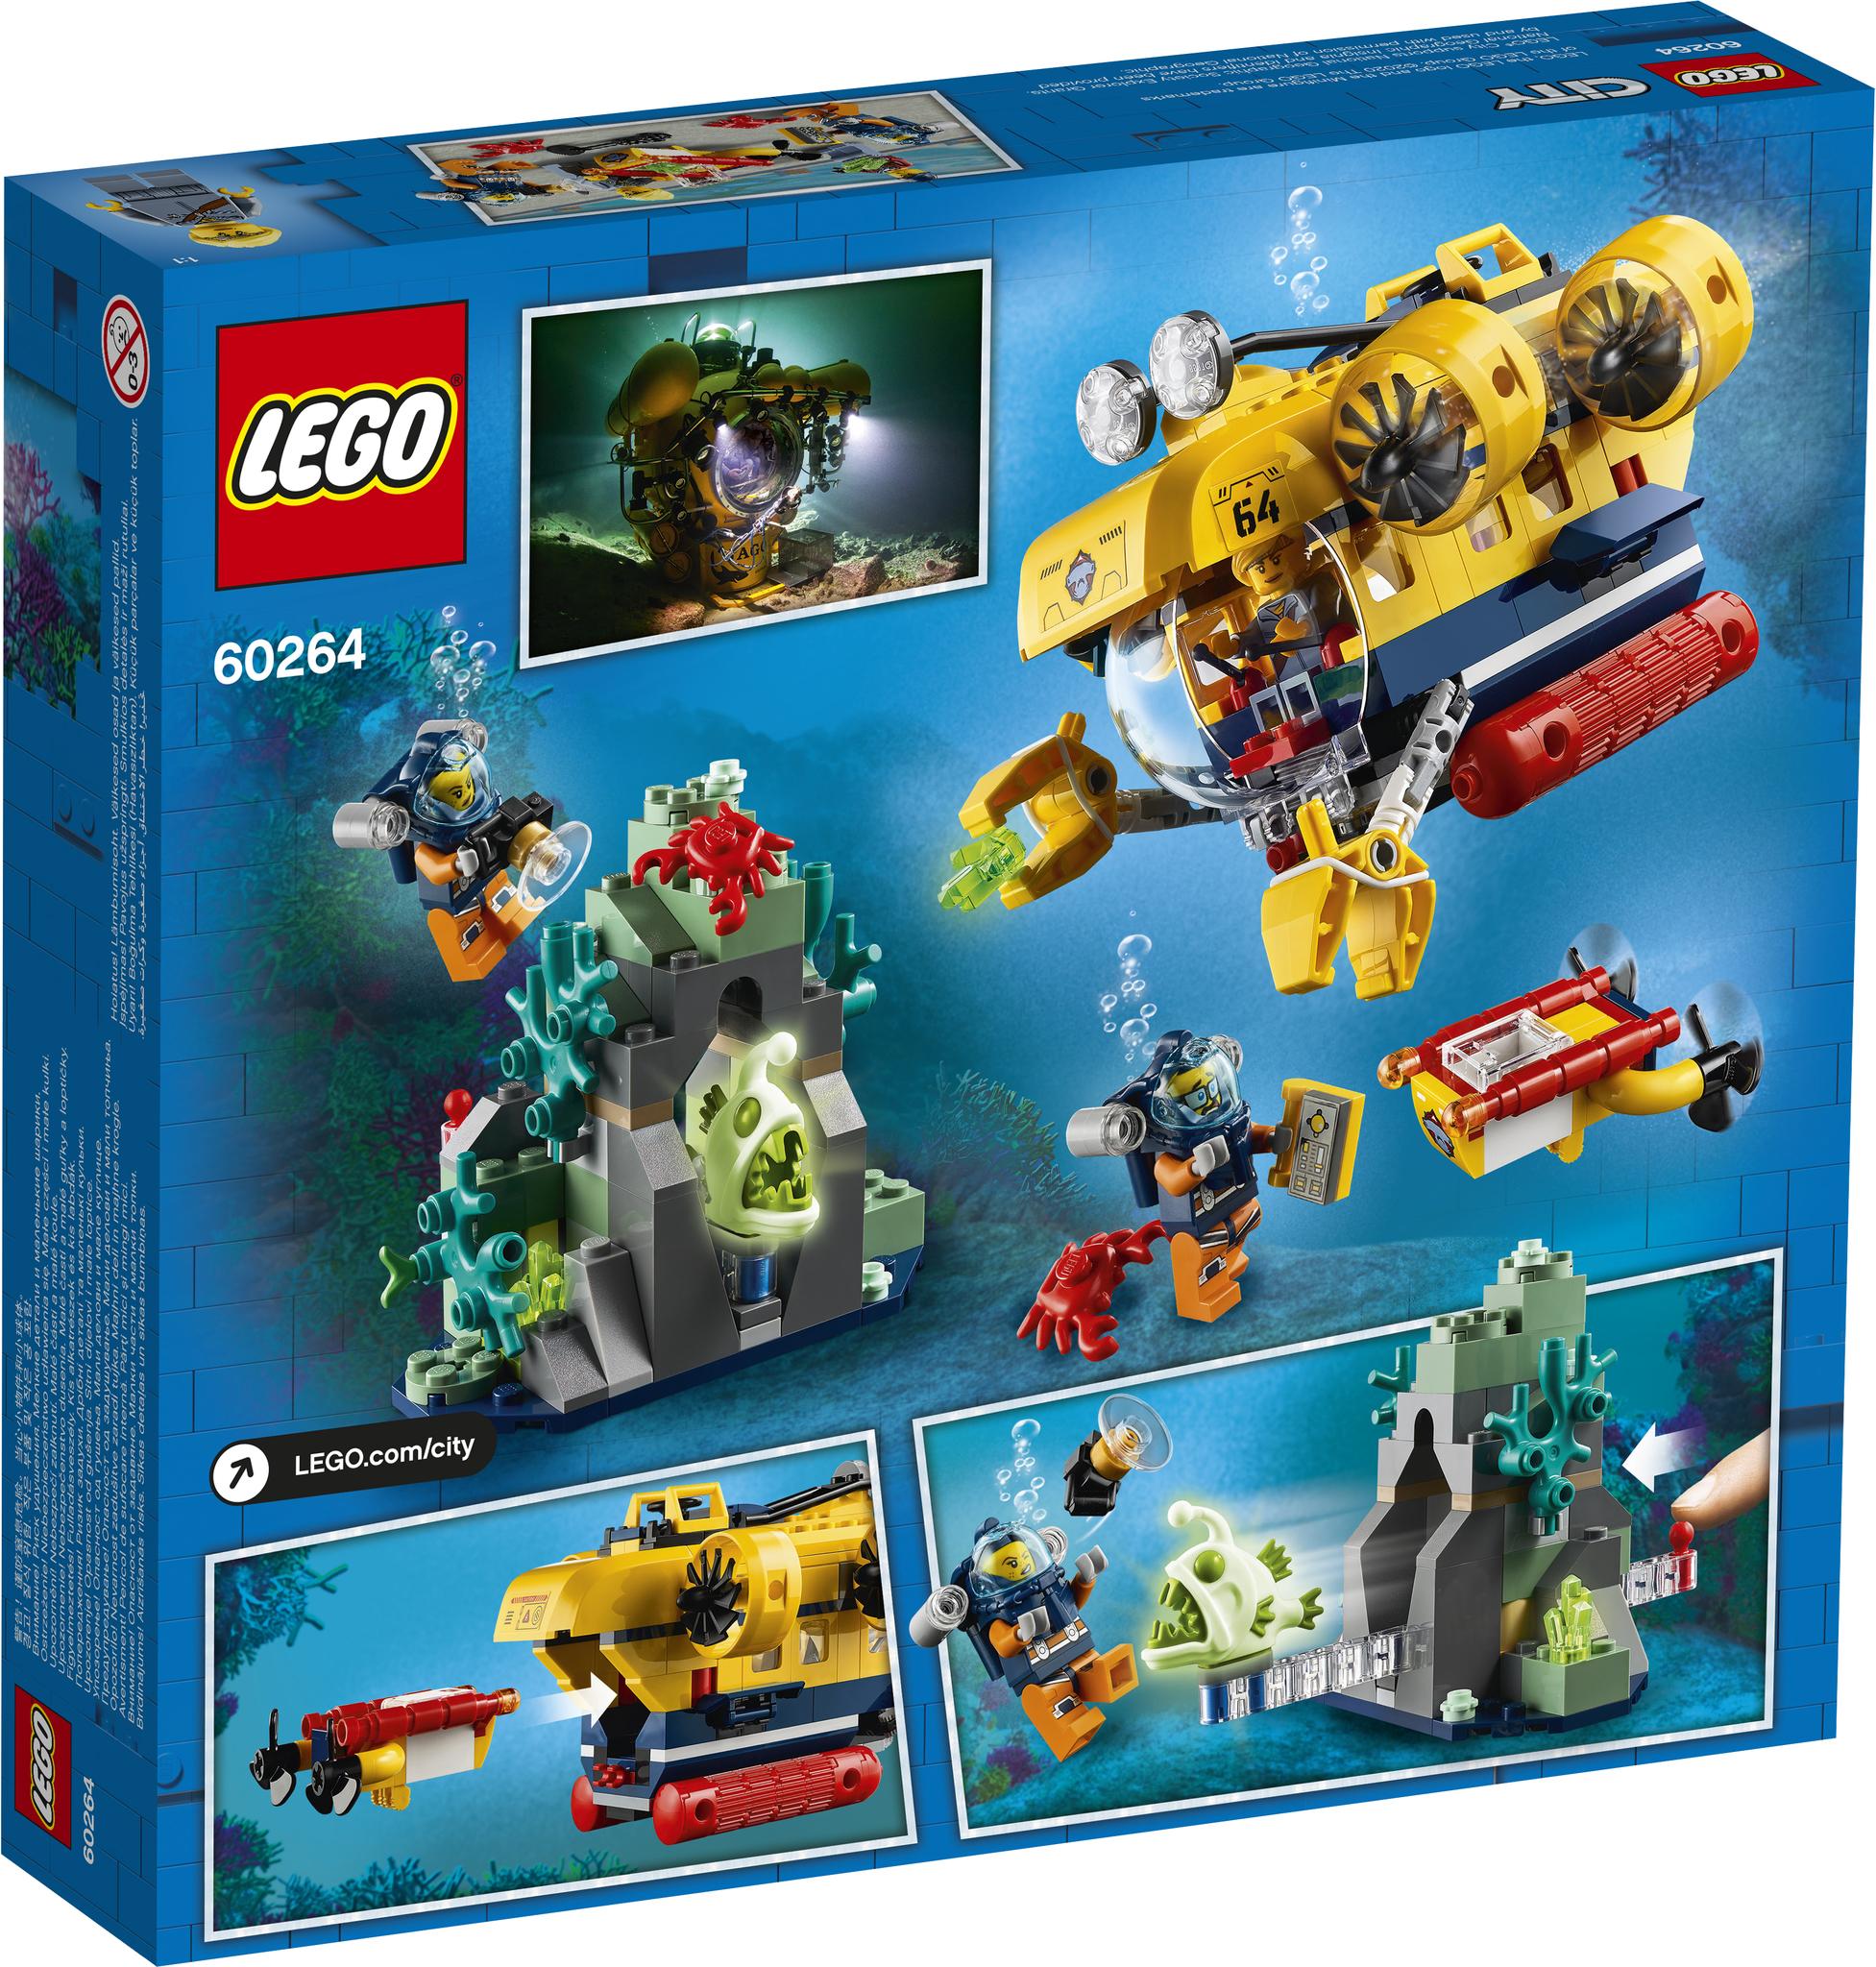 LEGO City 60264 Конструктор ЛЕГО Город Океан: исследовательская подводная лодка